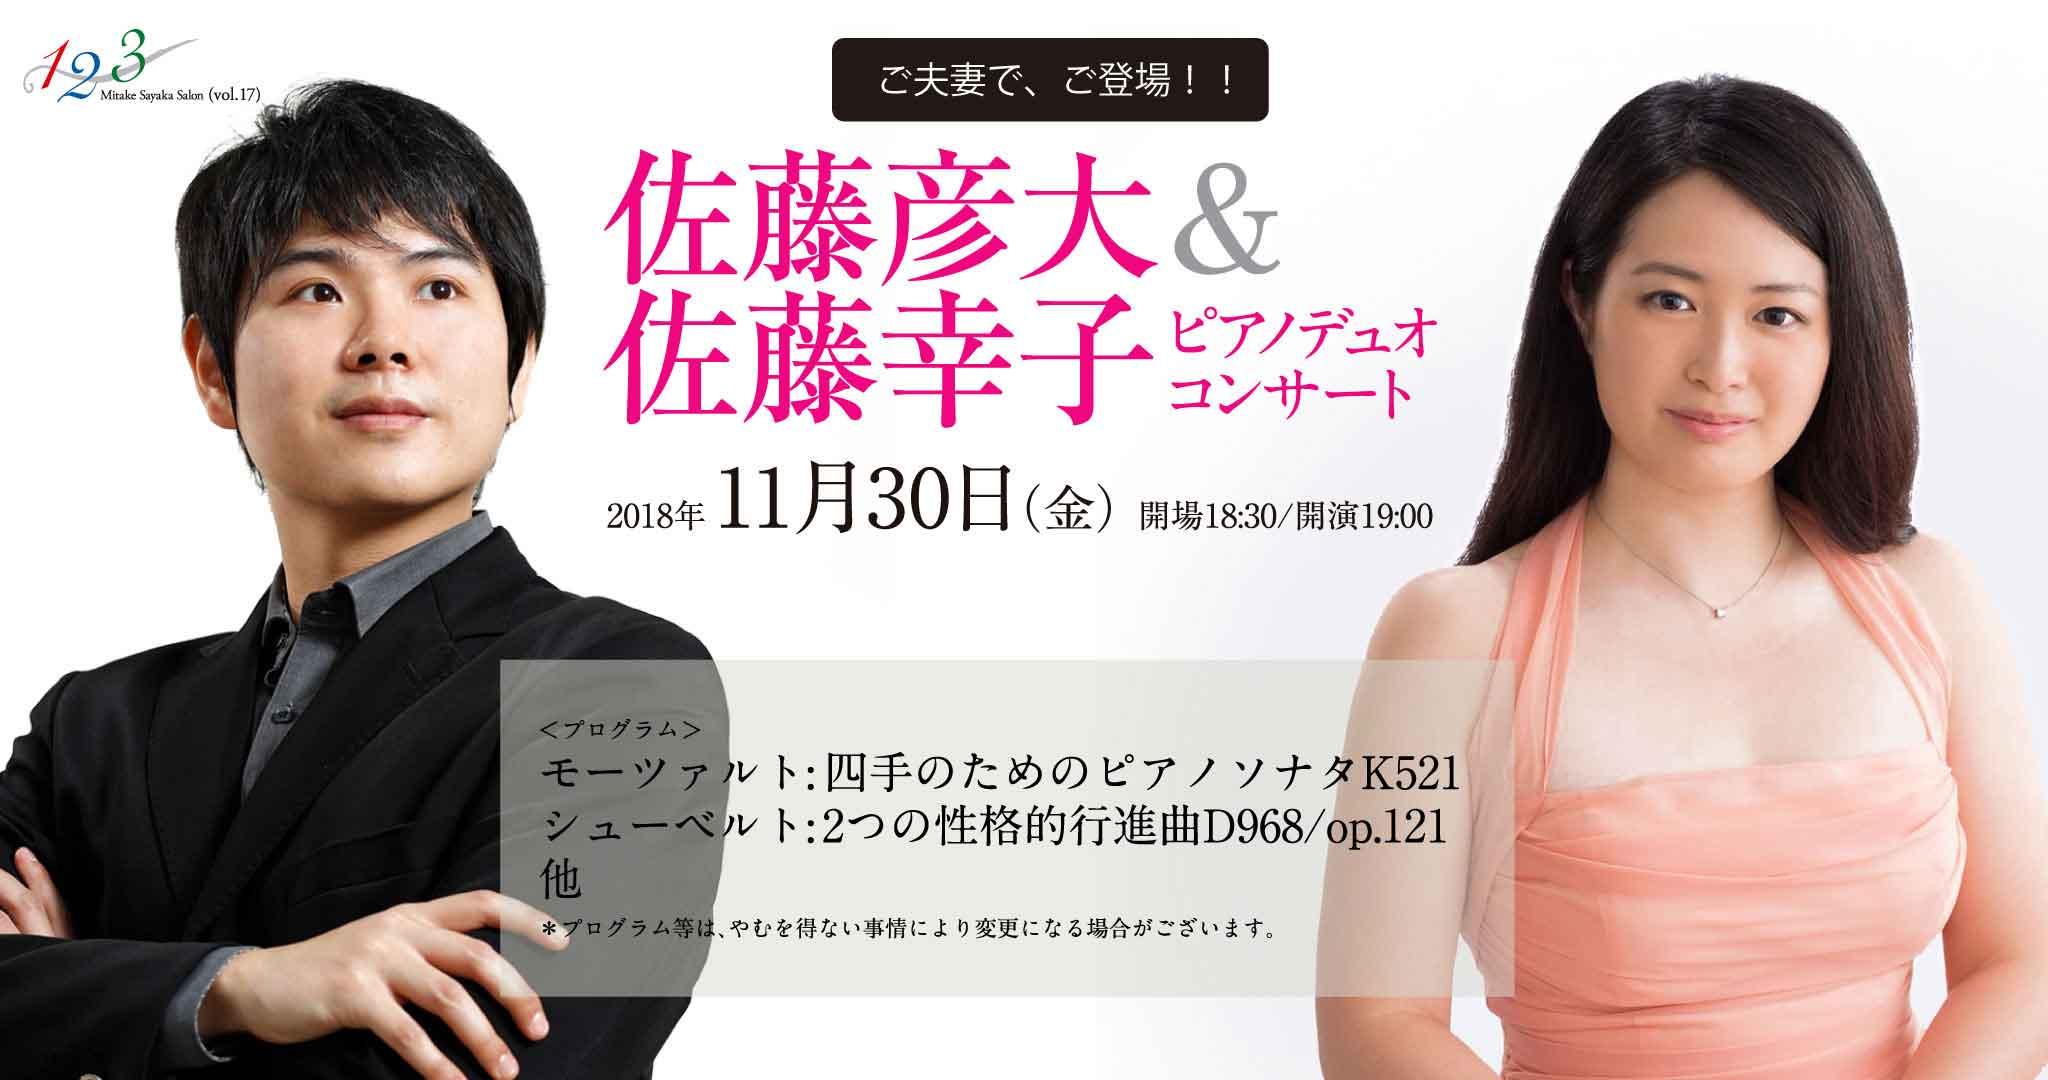 【完売】11月30日19:00~ 佐藤彦大&佐藤幸子ピアノデュオコンサート